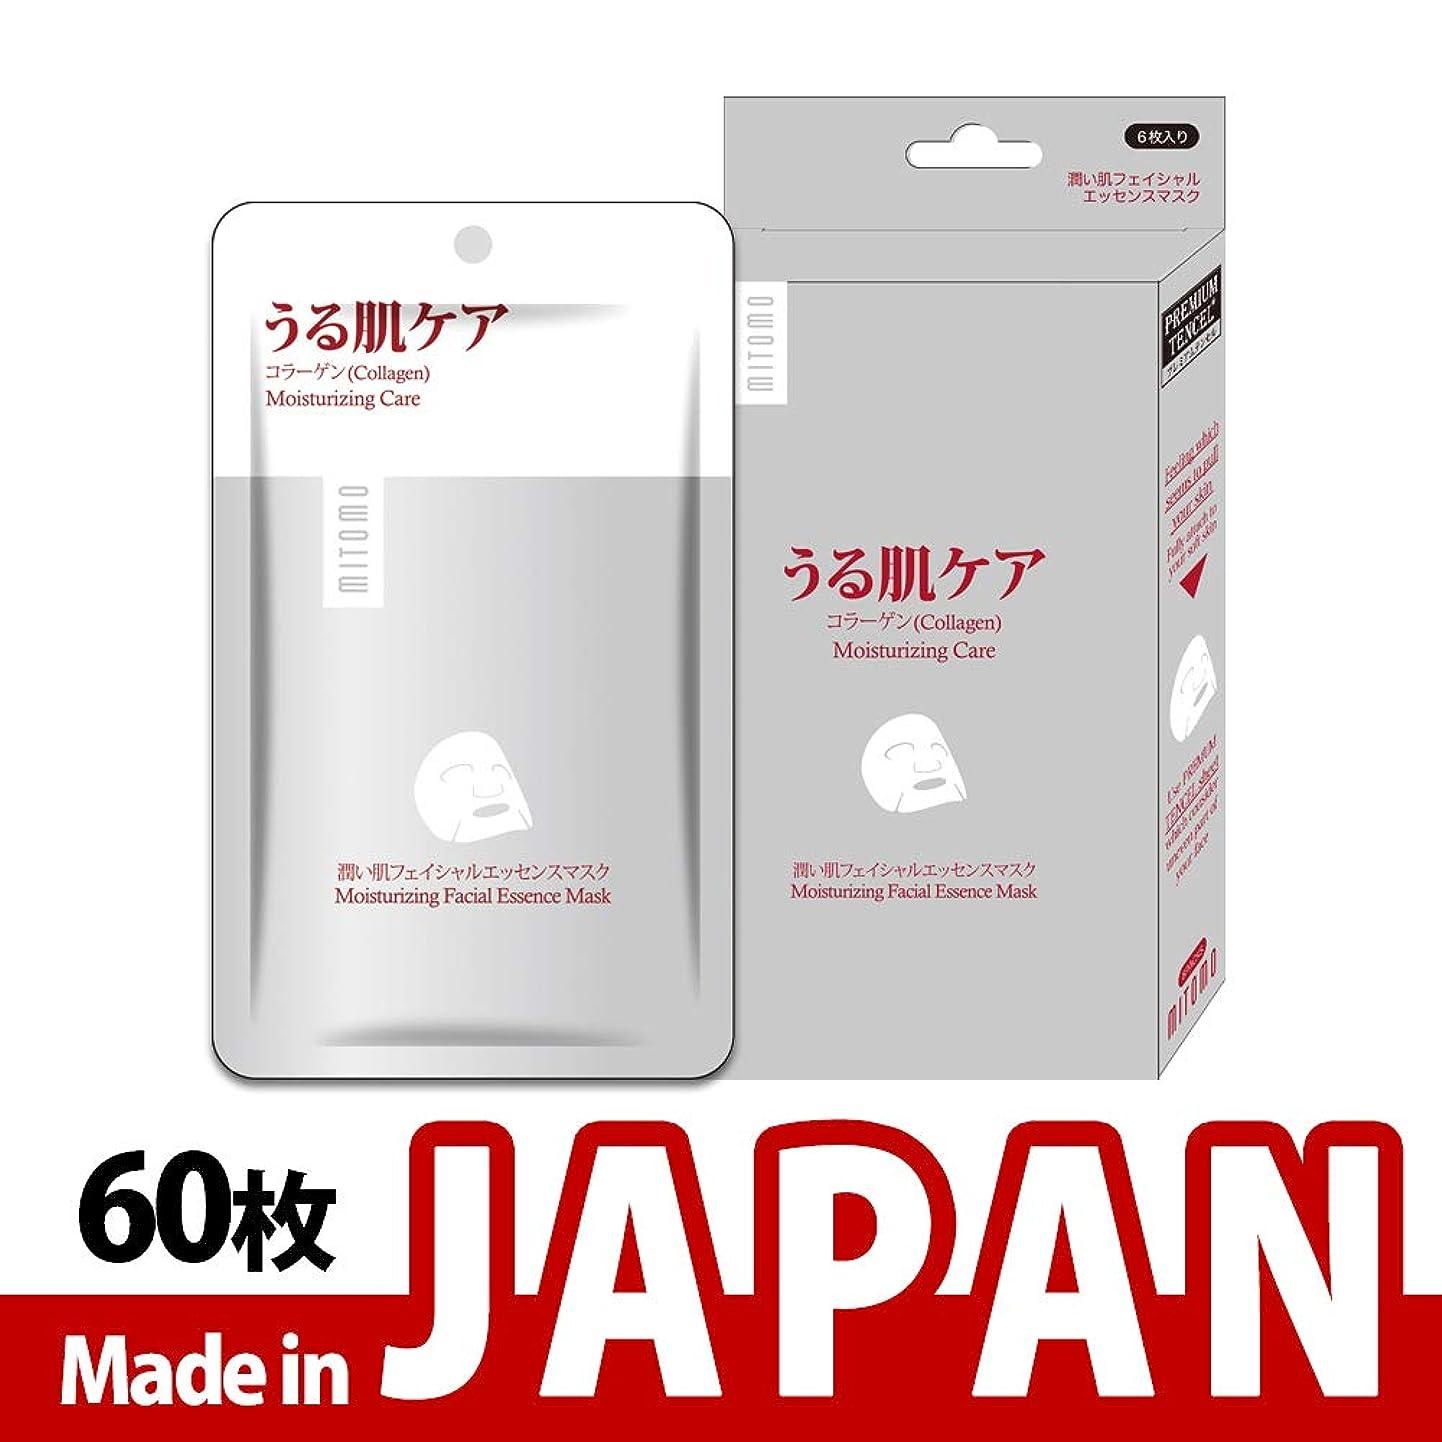 頬骨魔術クライマックス【HS002-A-1】MITOMO日本製シートマスク/6枚入り/60枚/美容液/マスクパック/送料無料